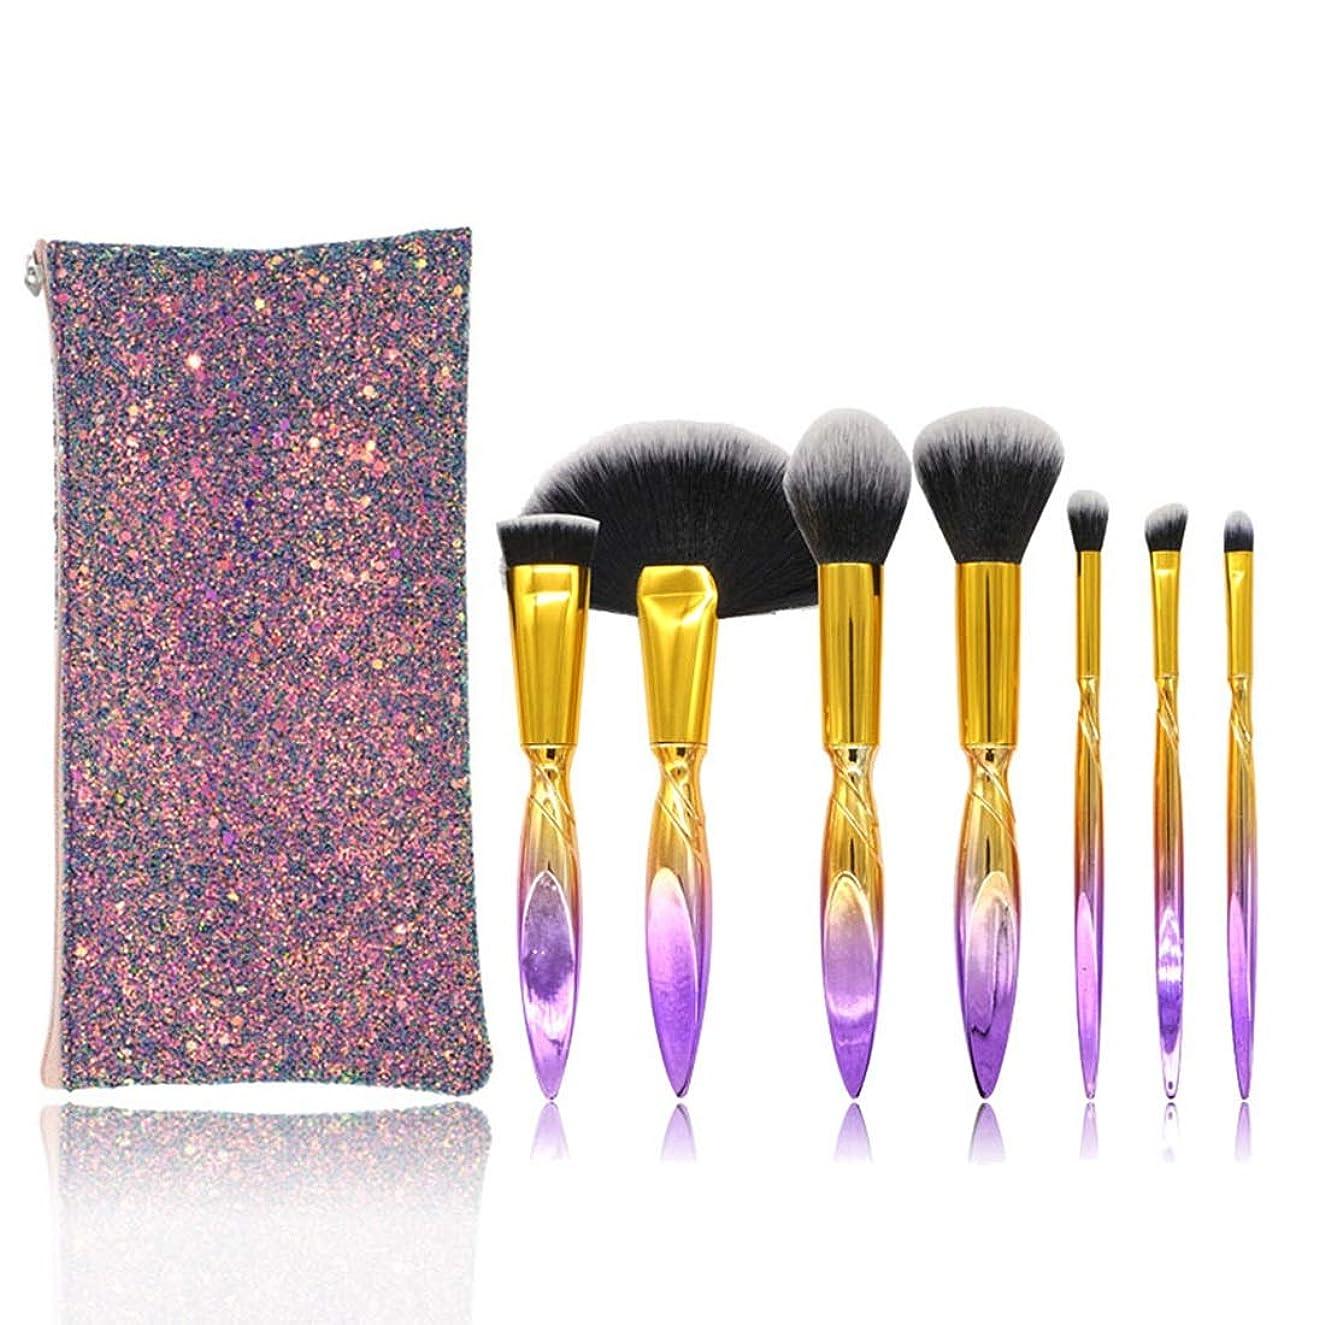 批判アッパーシーサイドAikemi kasur 1の化粧ブラシ用具の洗面用品のキット繊維の化粧品のブラシセット7 (色 : Gradient)